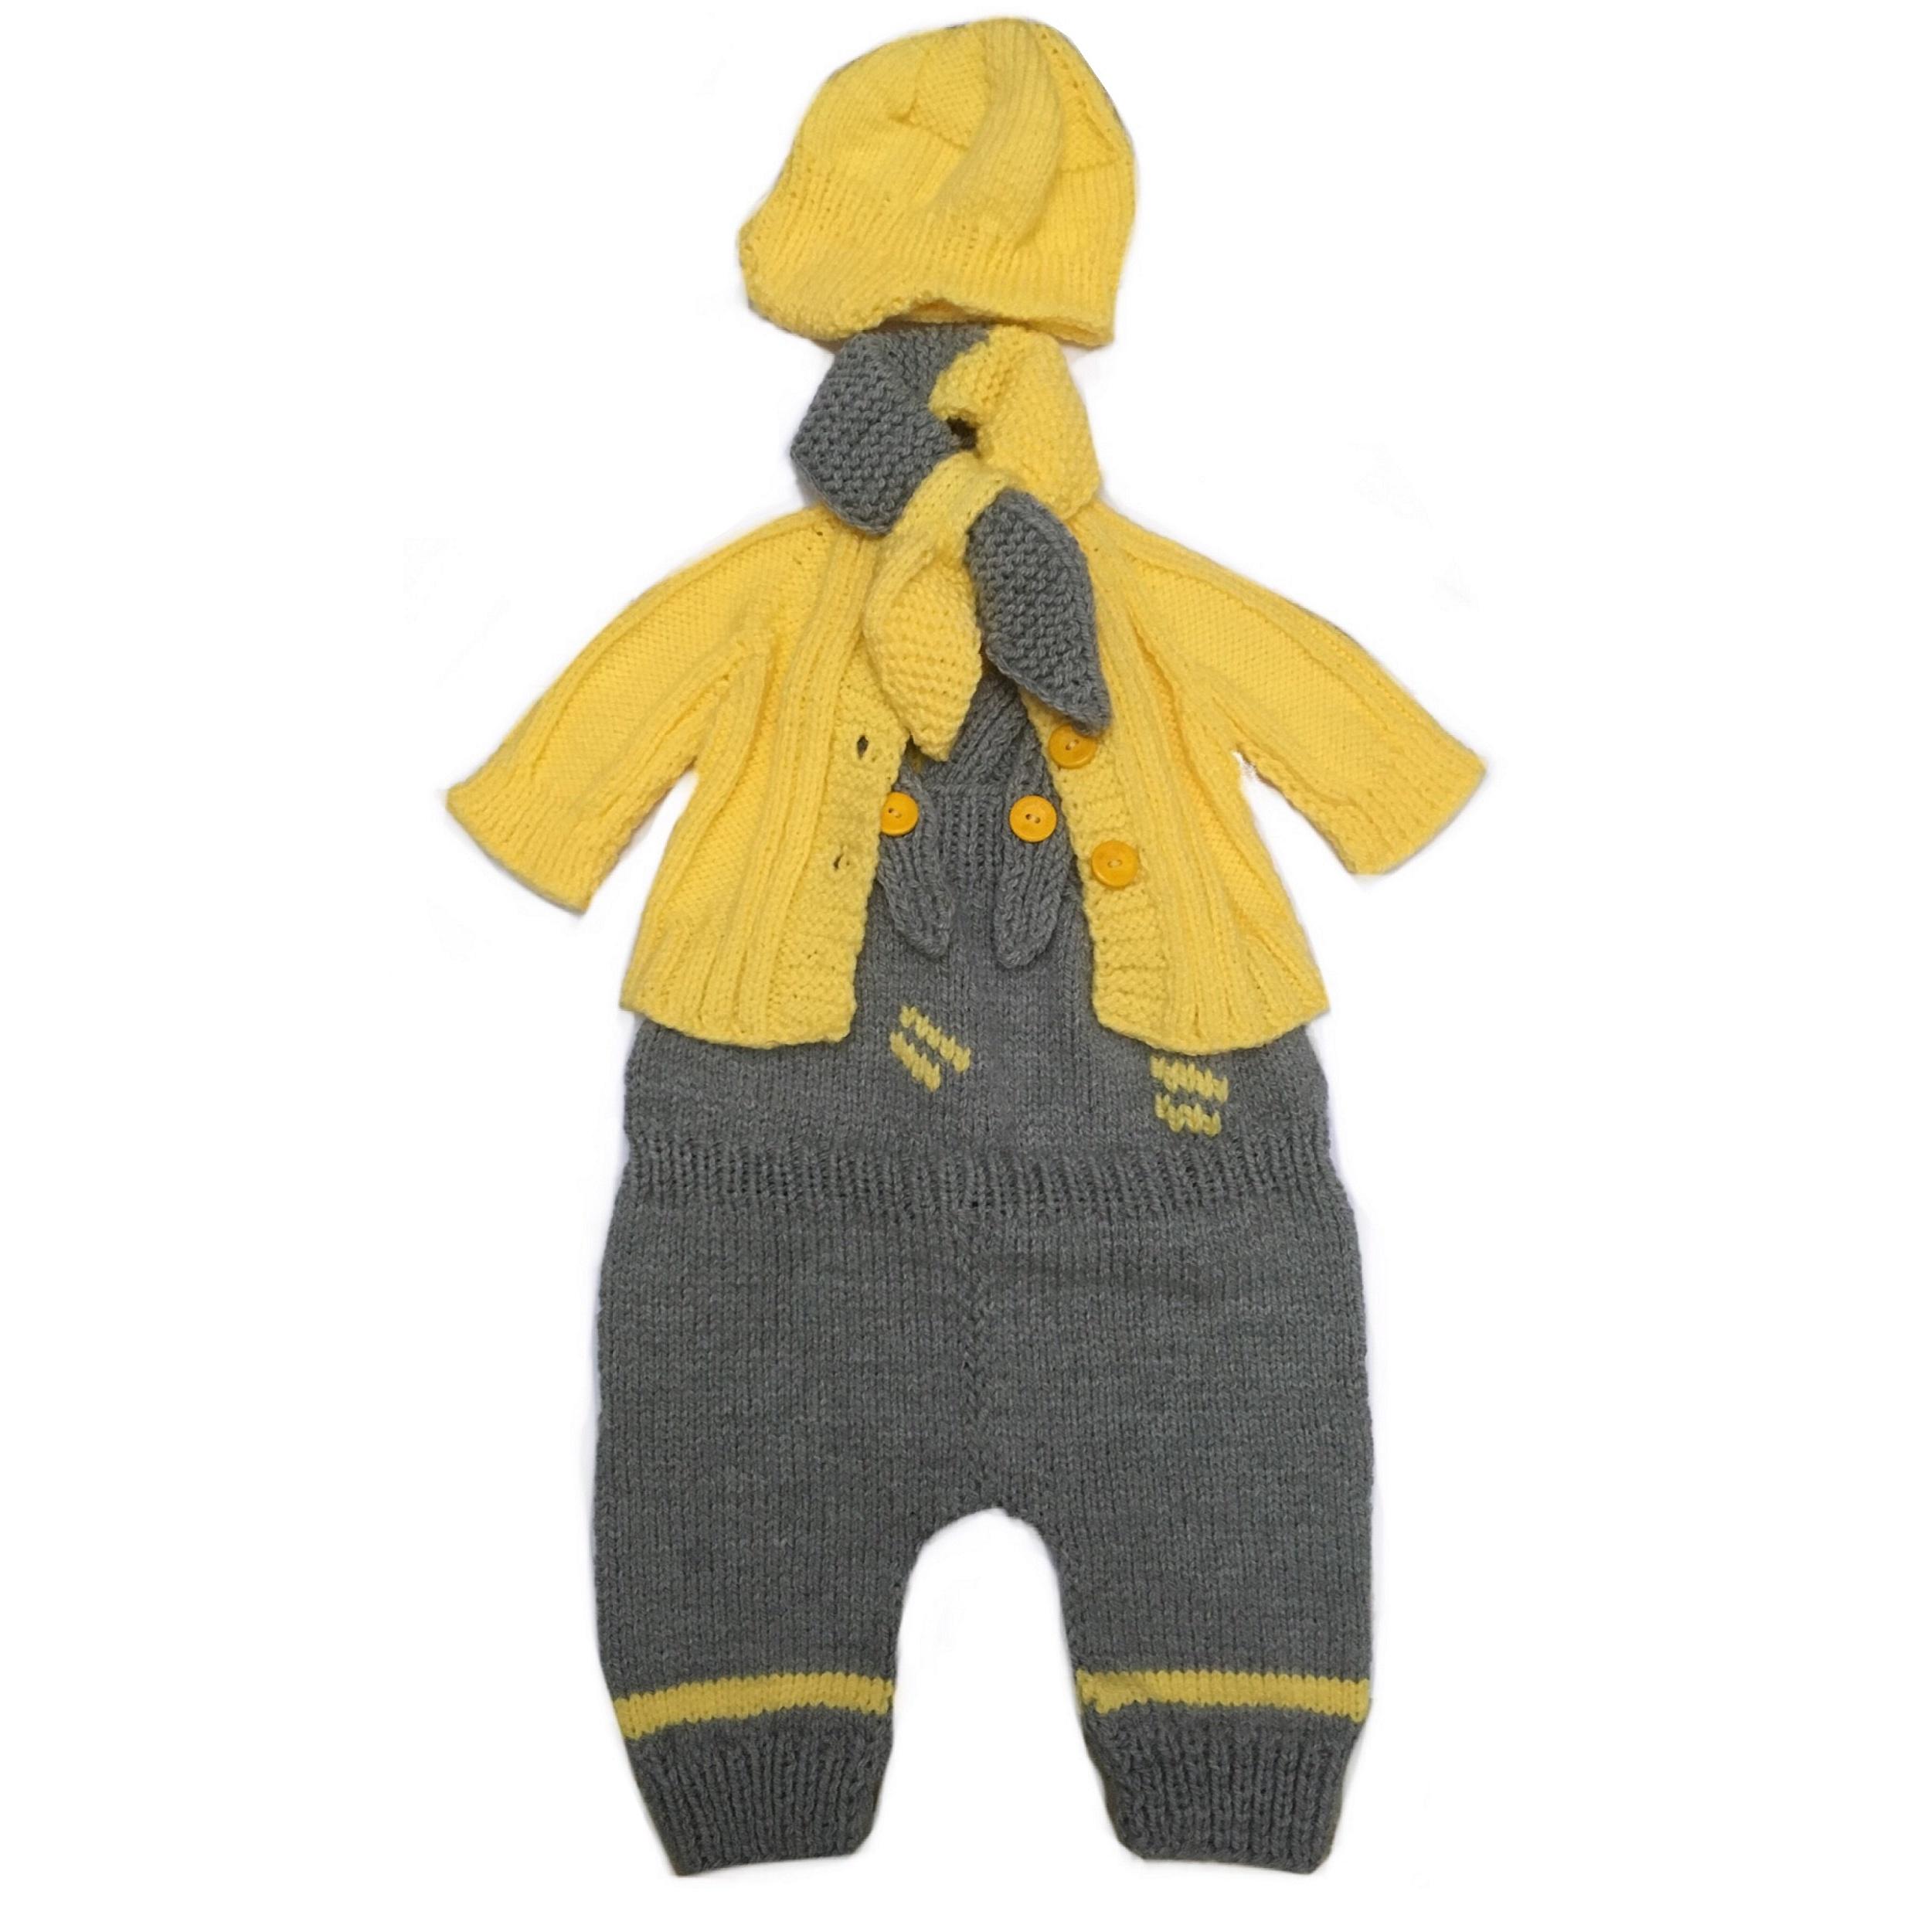 ست لباس نوزادی دخترانه گالری خرمالو مدل پاییزان کد 9